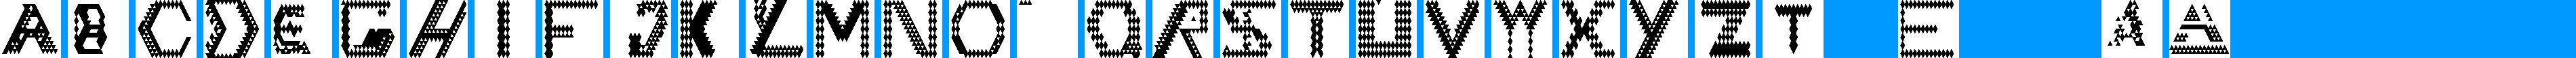 Particip-a-type v.192